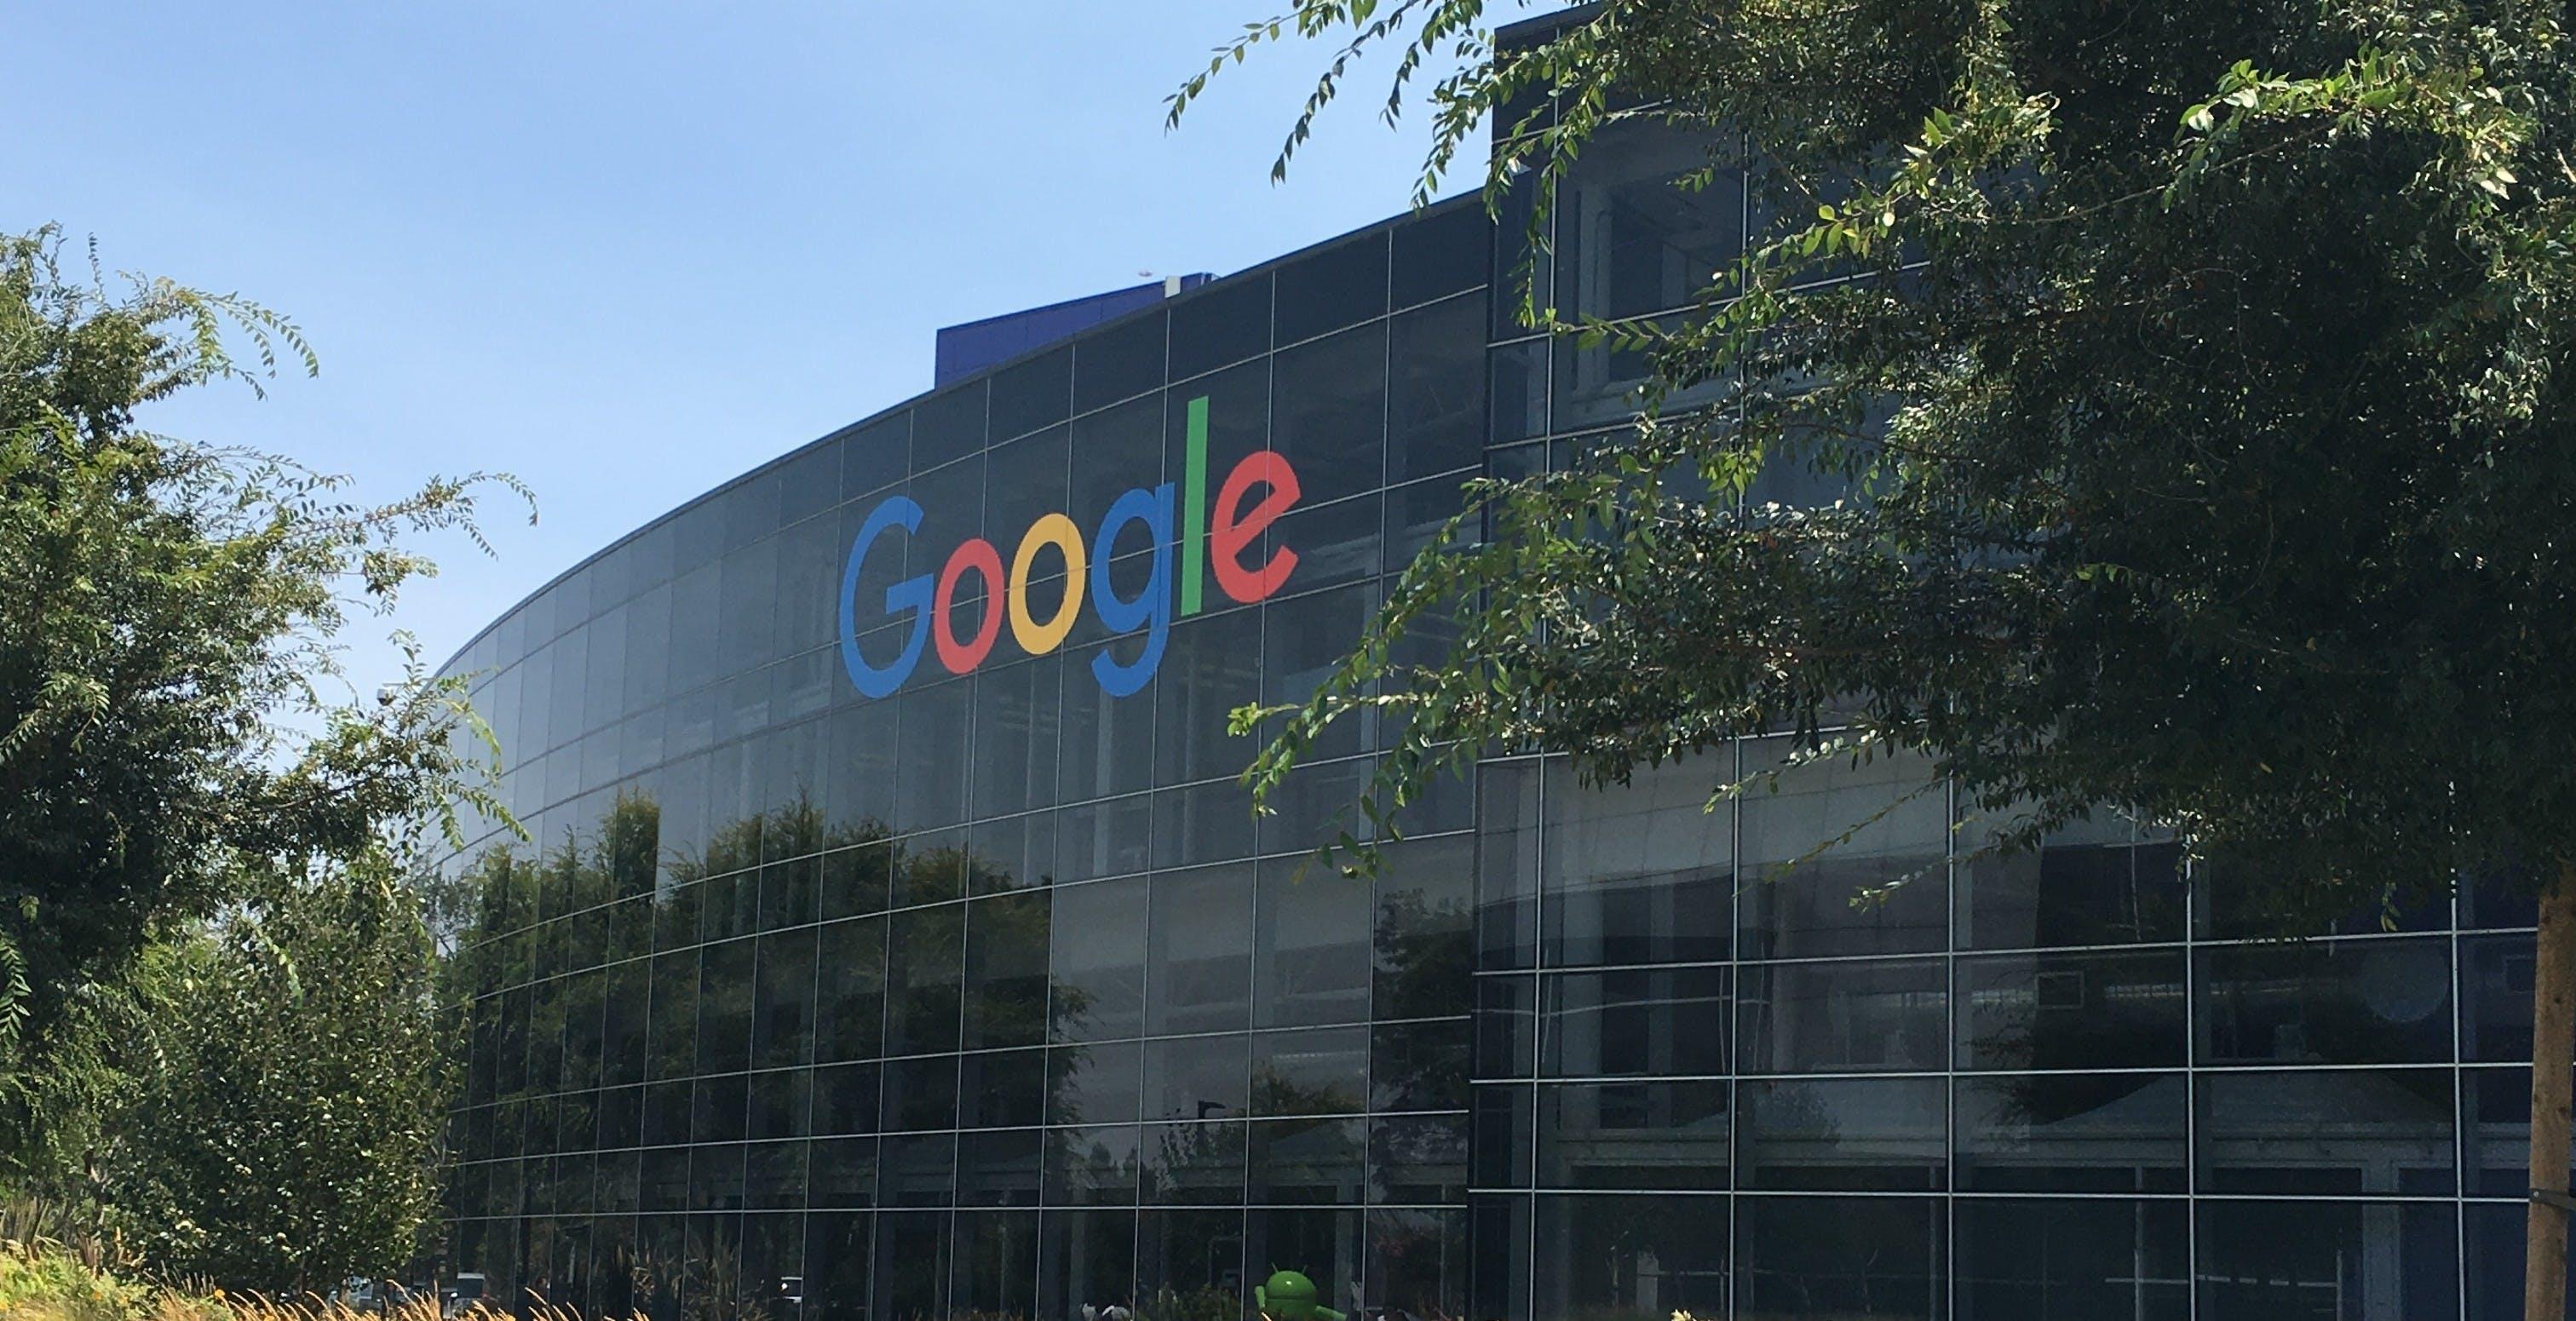 Google non ha rubato Java per sviluppare Android: dopo 10 anni, è arrivata la sentenza finale